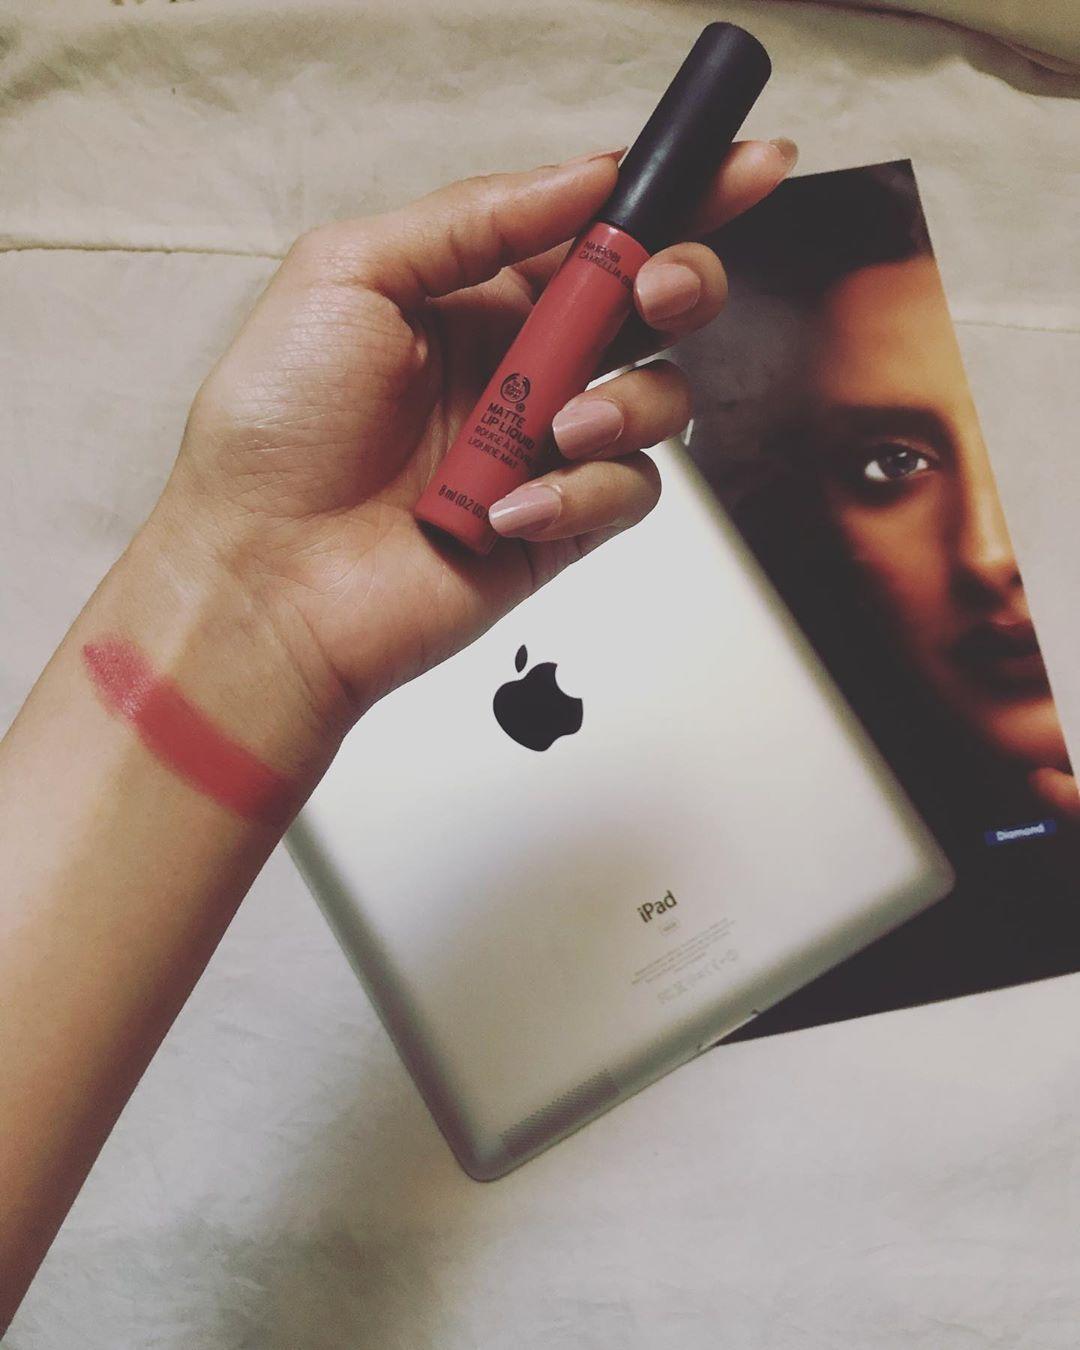 مزون On Instagram مساء النور اهلين هذا القلوس من ذا بودي شوب من اجمل الارواج ثبات وأنتي جربي بنفسك وسعره معقو Iphone My Pictures Electronic Products